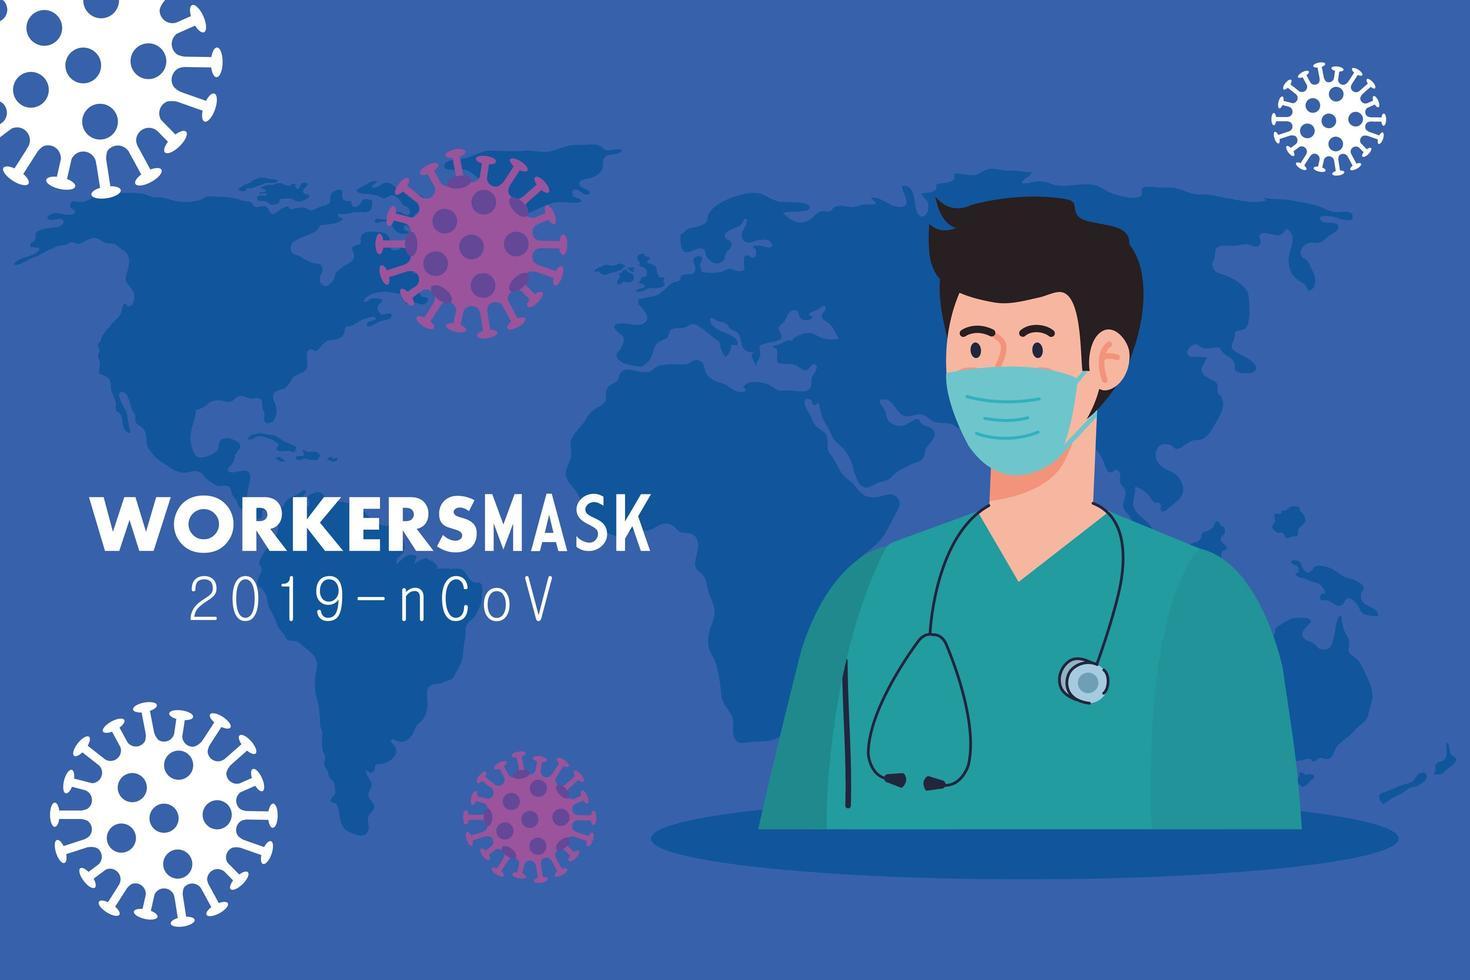 Sanitäter mit medizinischer Maske gegen 2019 ncov vektor